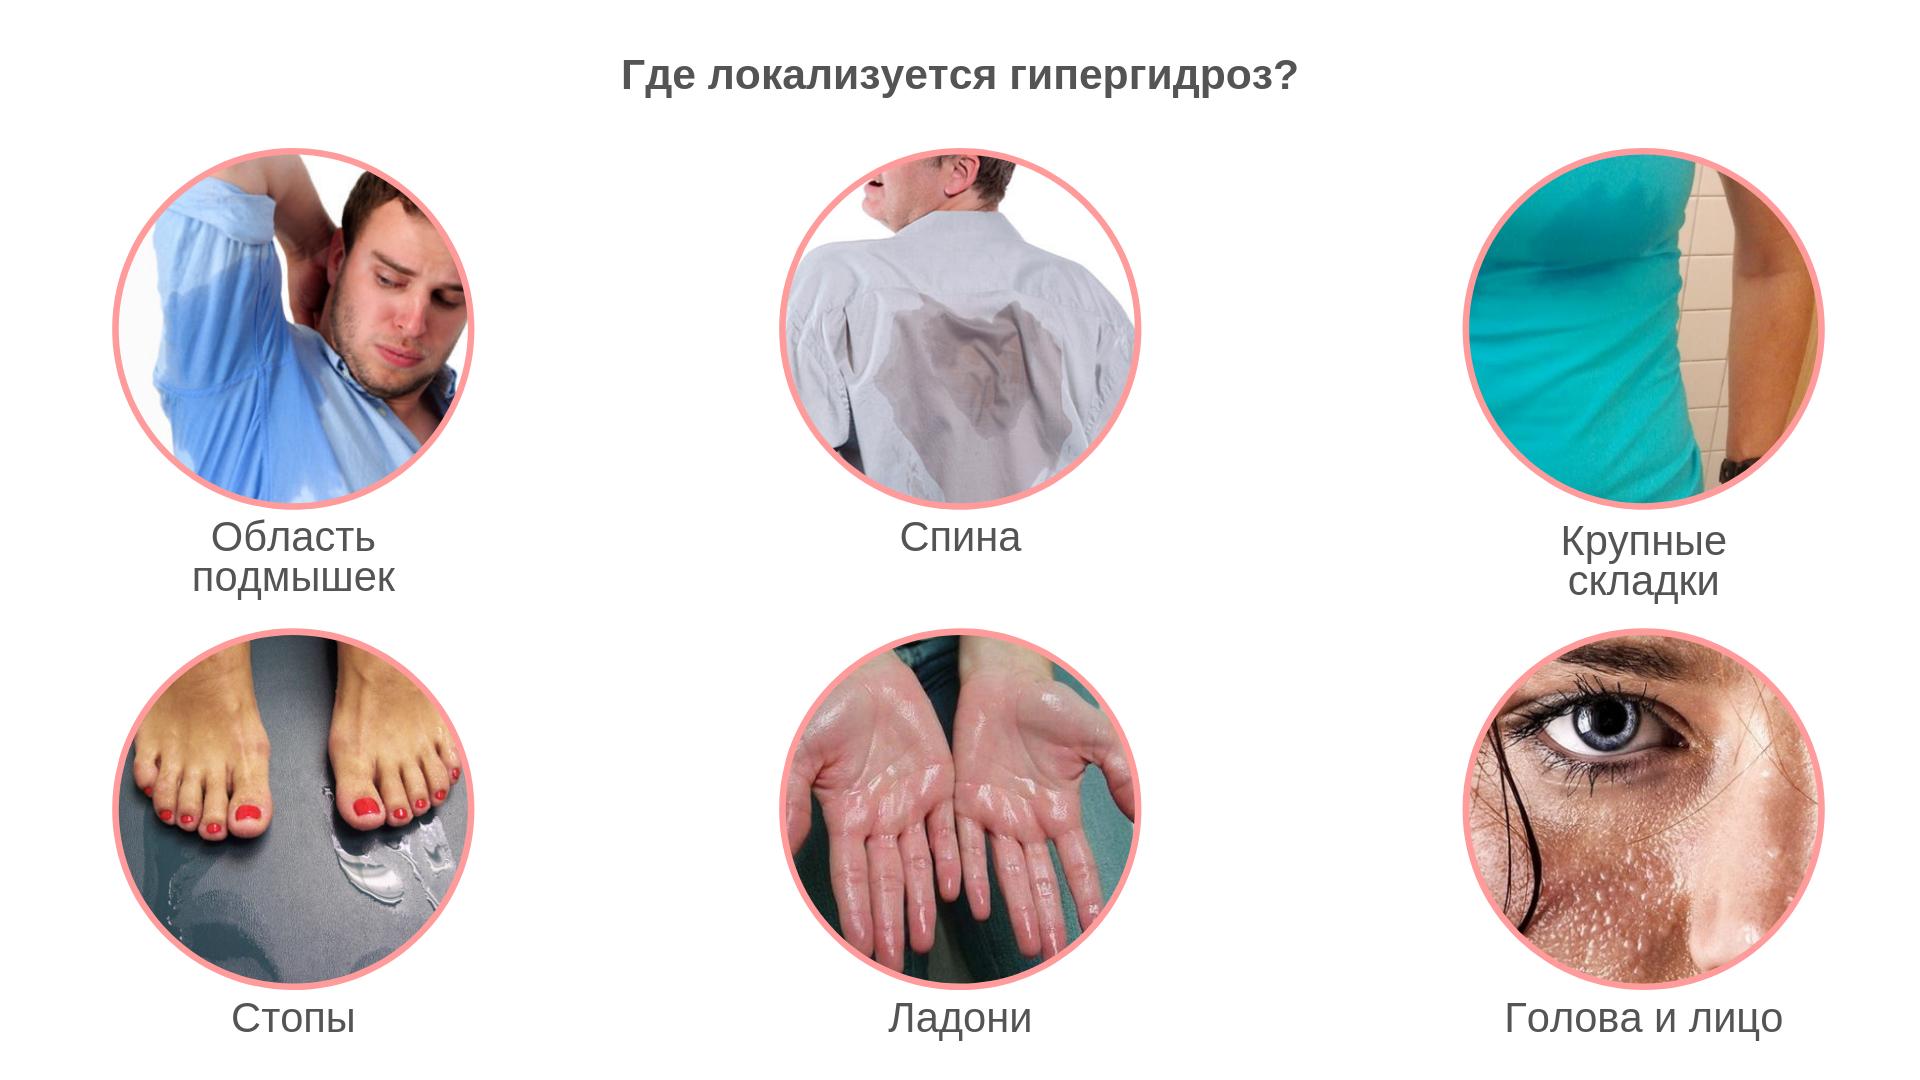 Гипергидроз: что это такое и как лечить